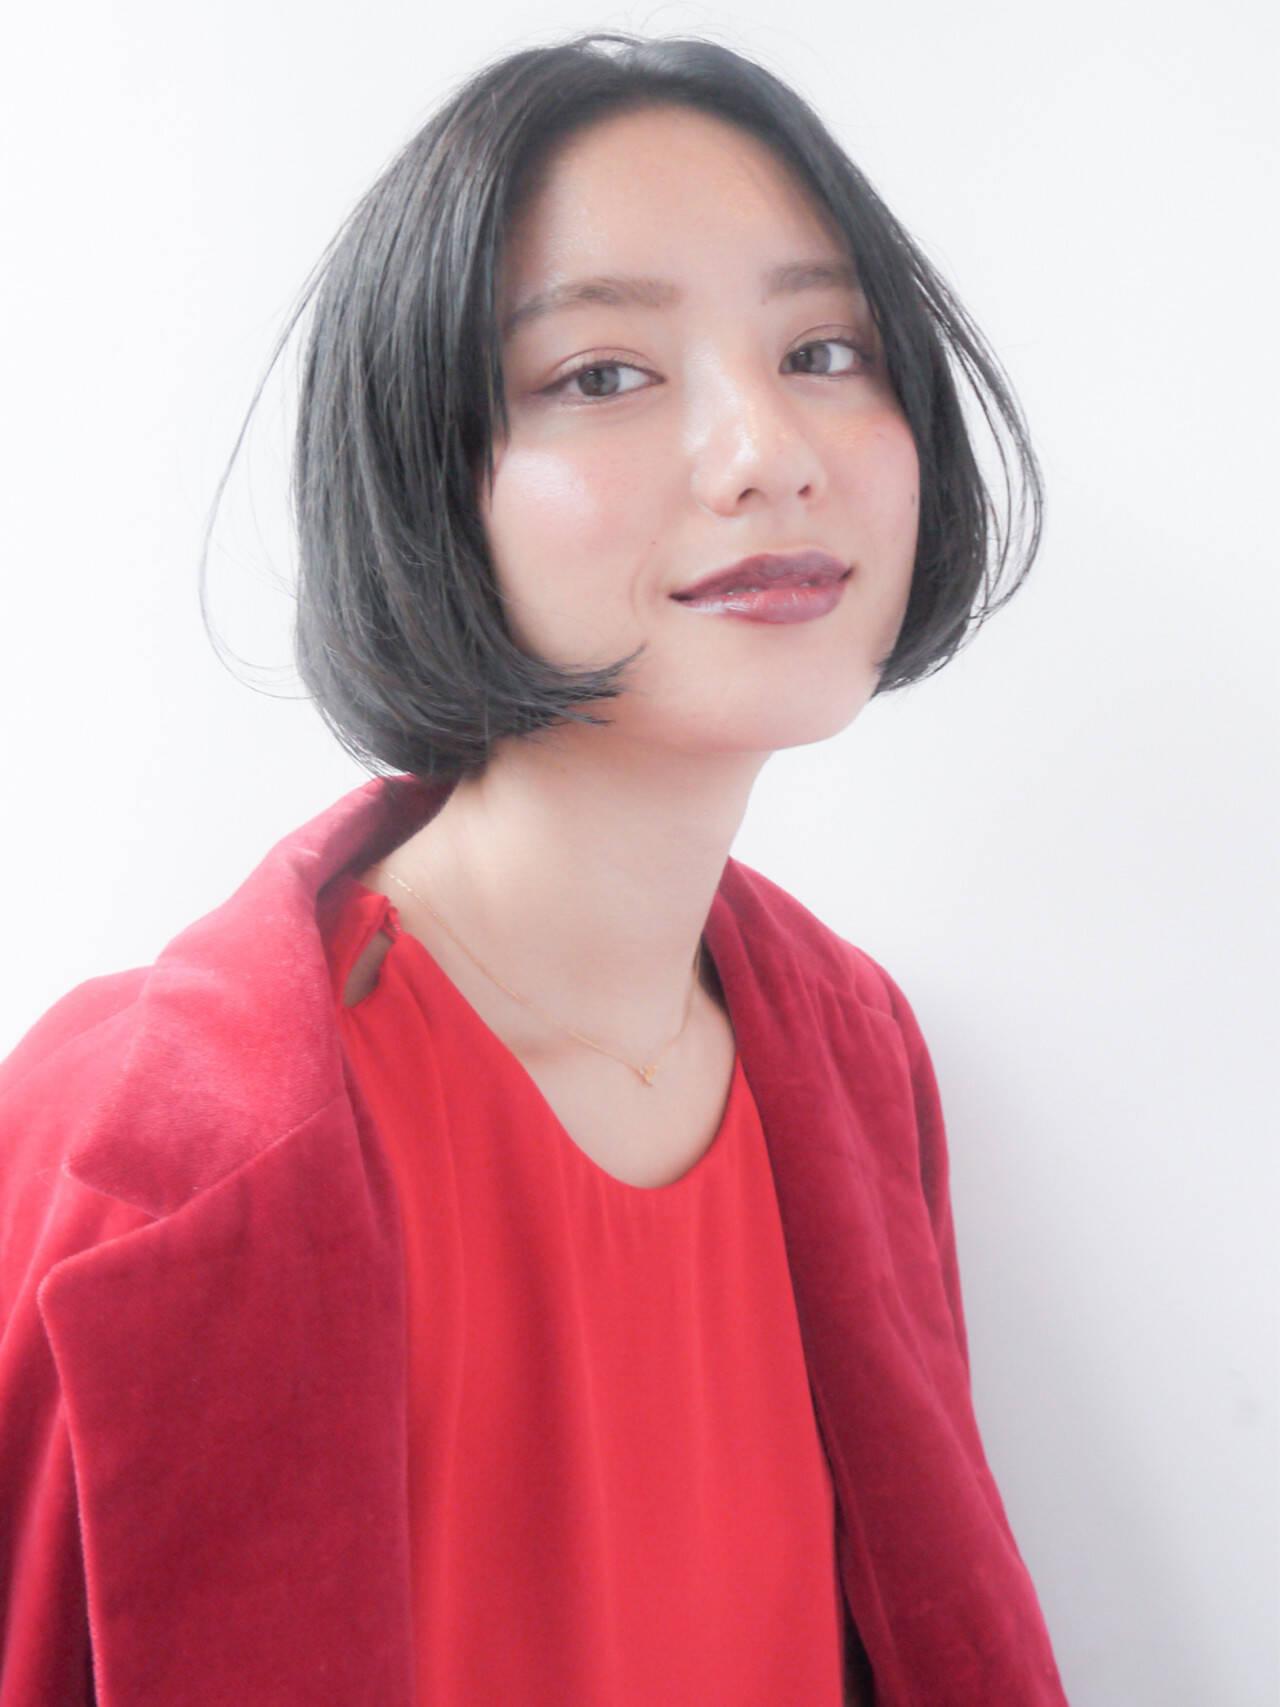 暗髪 透明感 ウェットヘア 秋ヘアスタイルや髪型の写真・画像